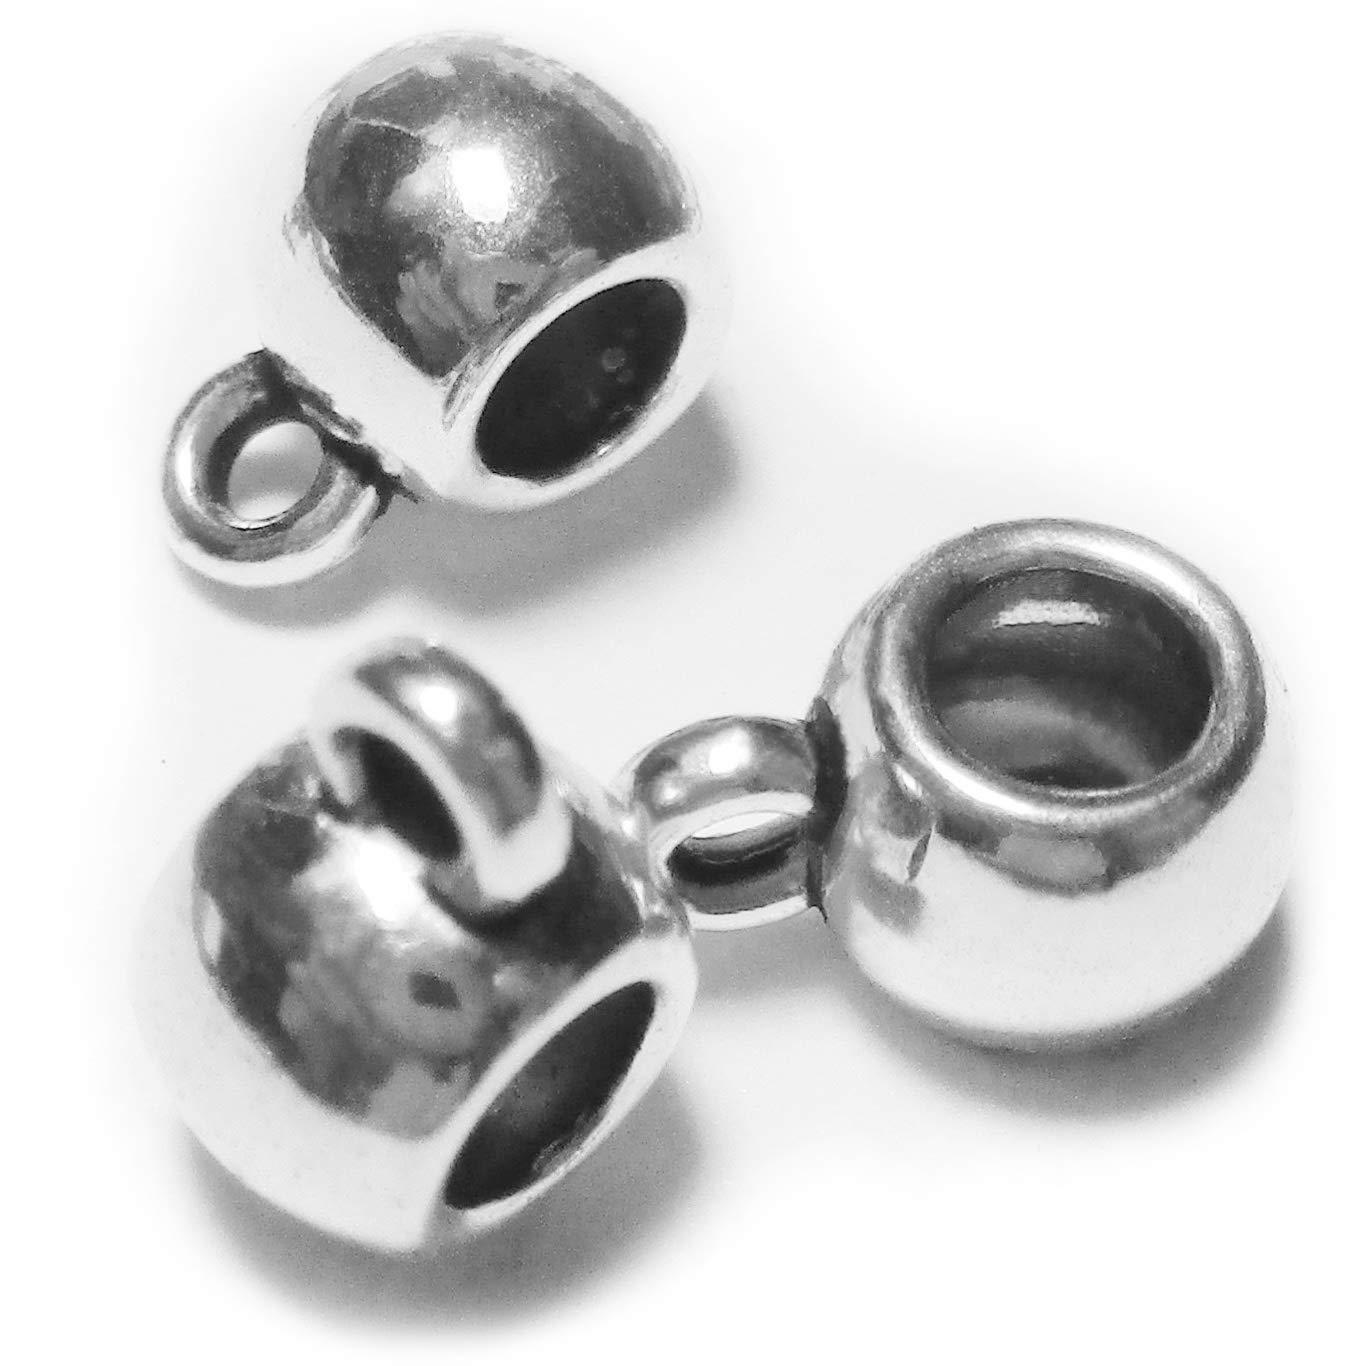 90 Pcs Silver